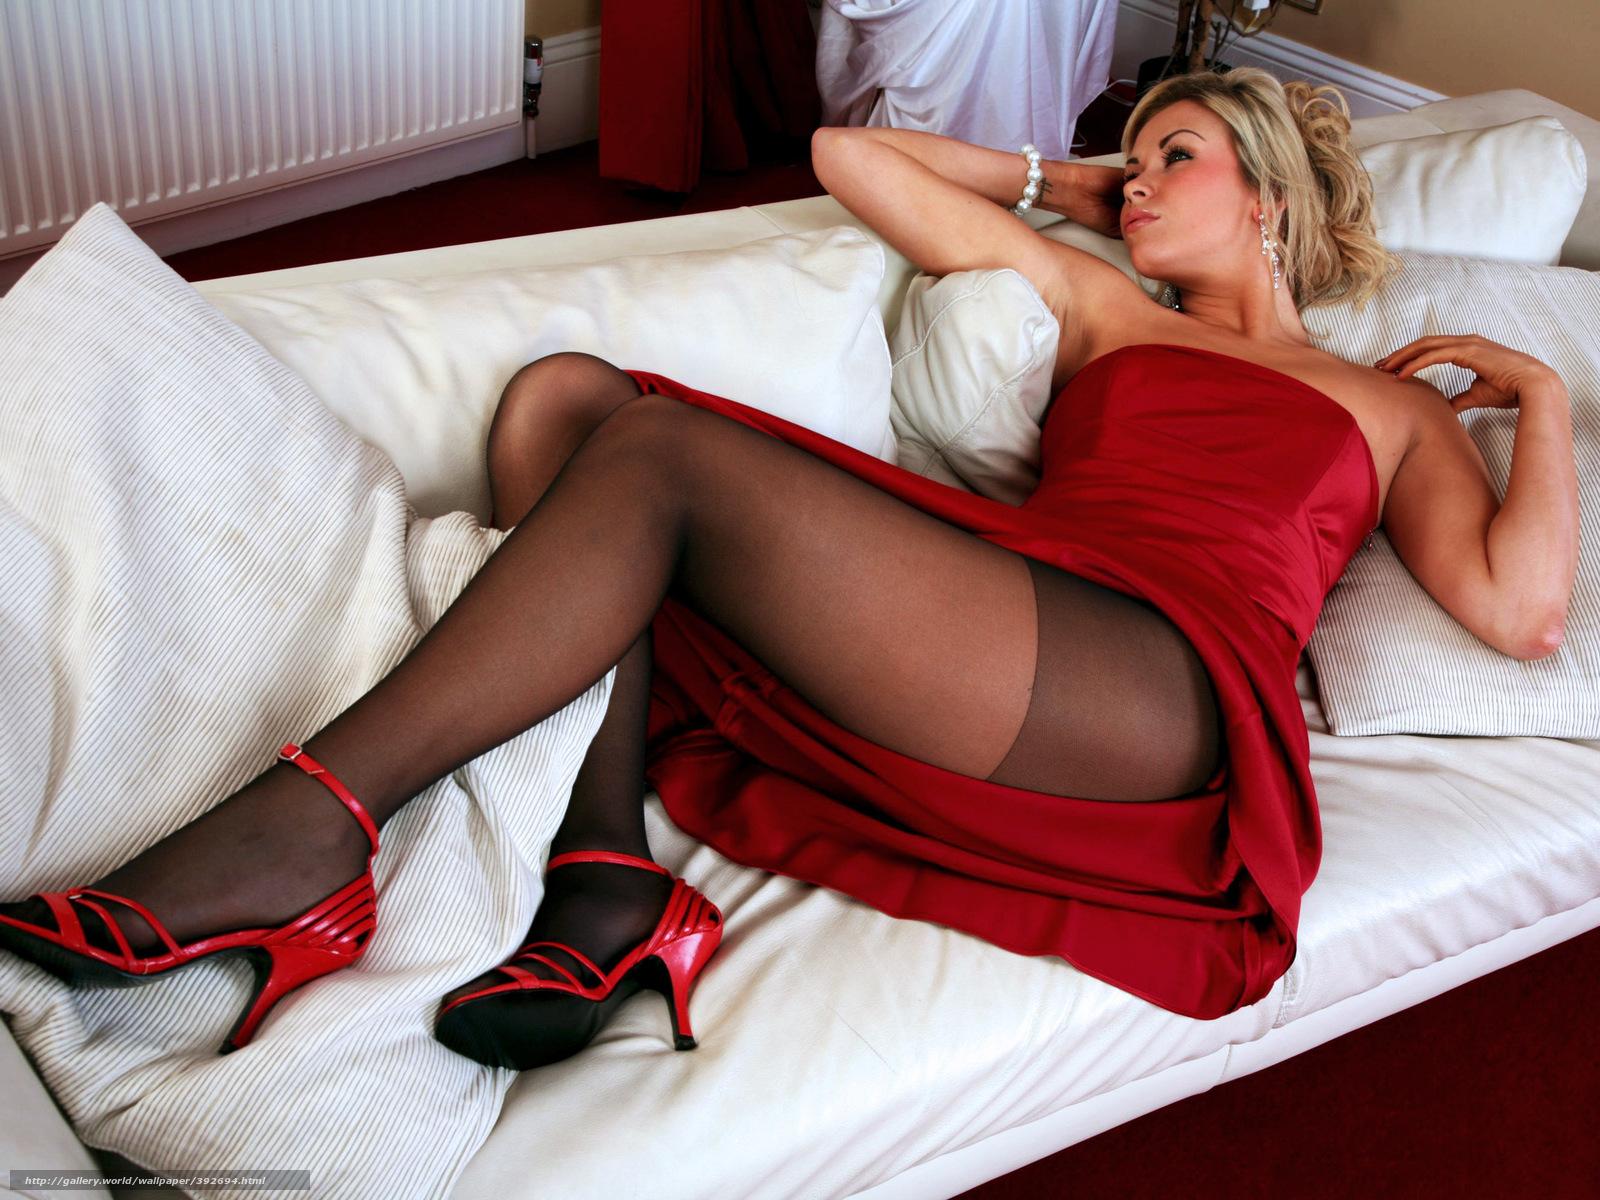 Фотография девушки в красной юбке лежащая на кровати с протезом ноги 7 фотография